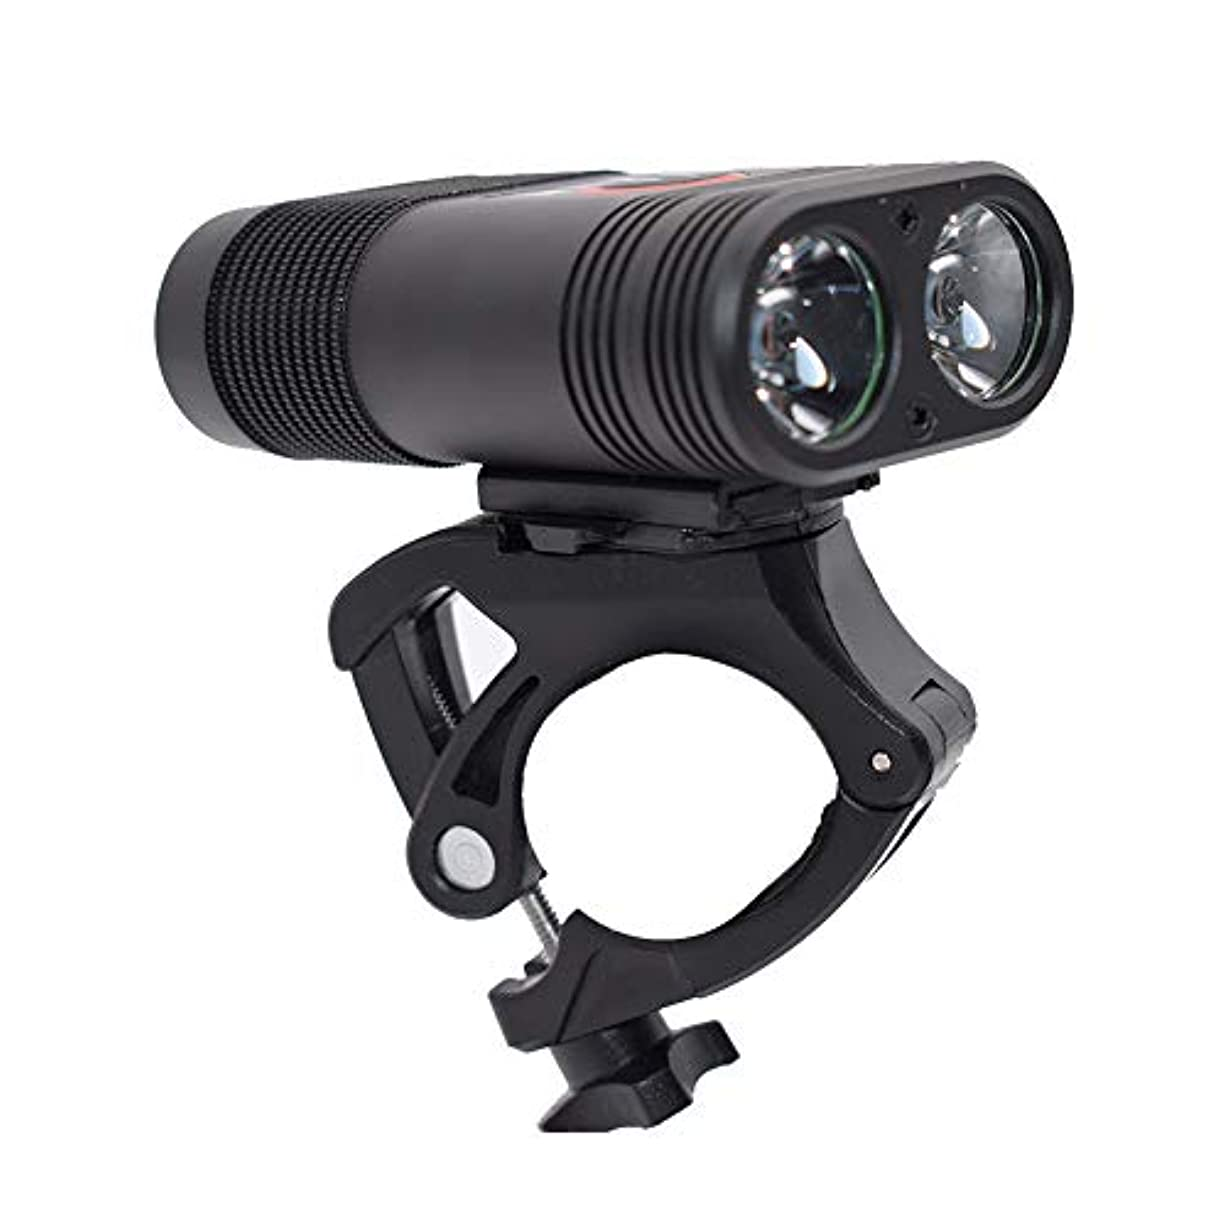 追加取る将来の一佳 自転車用 ヘッドライト マウンテンバイク ライト BX2 mountain bike T6 バイク用と懐中電灯両用 2600mAH USB充電式 夜間超明るいヘッドライトグレアライド